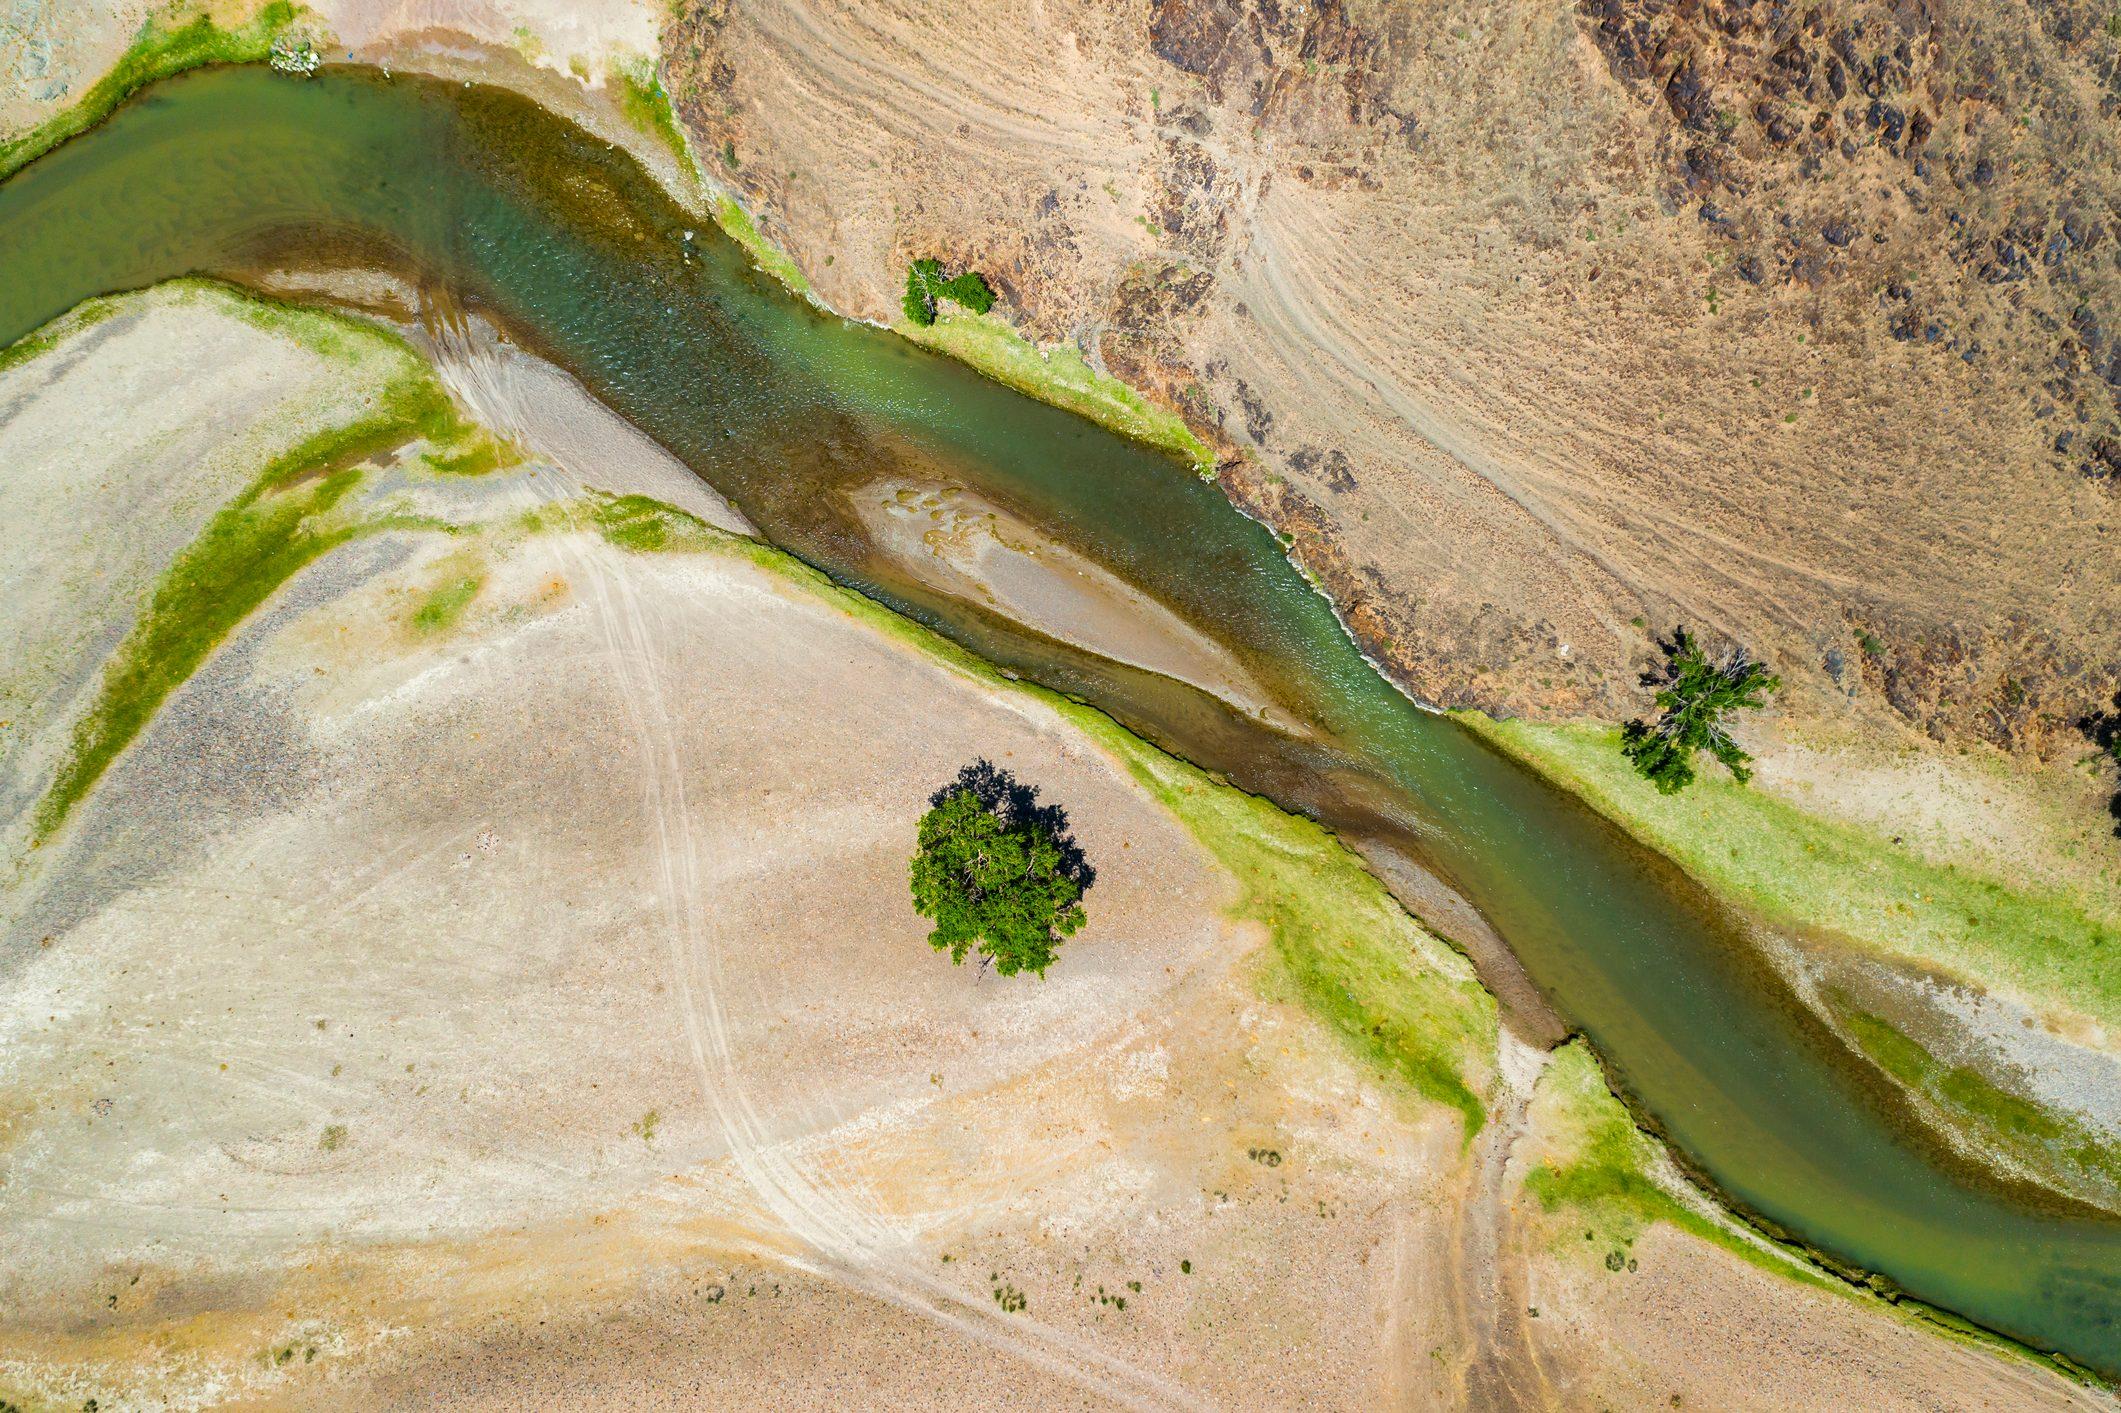 Aerial landscape view of river in Gobi desert, Mongolia